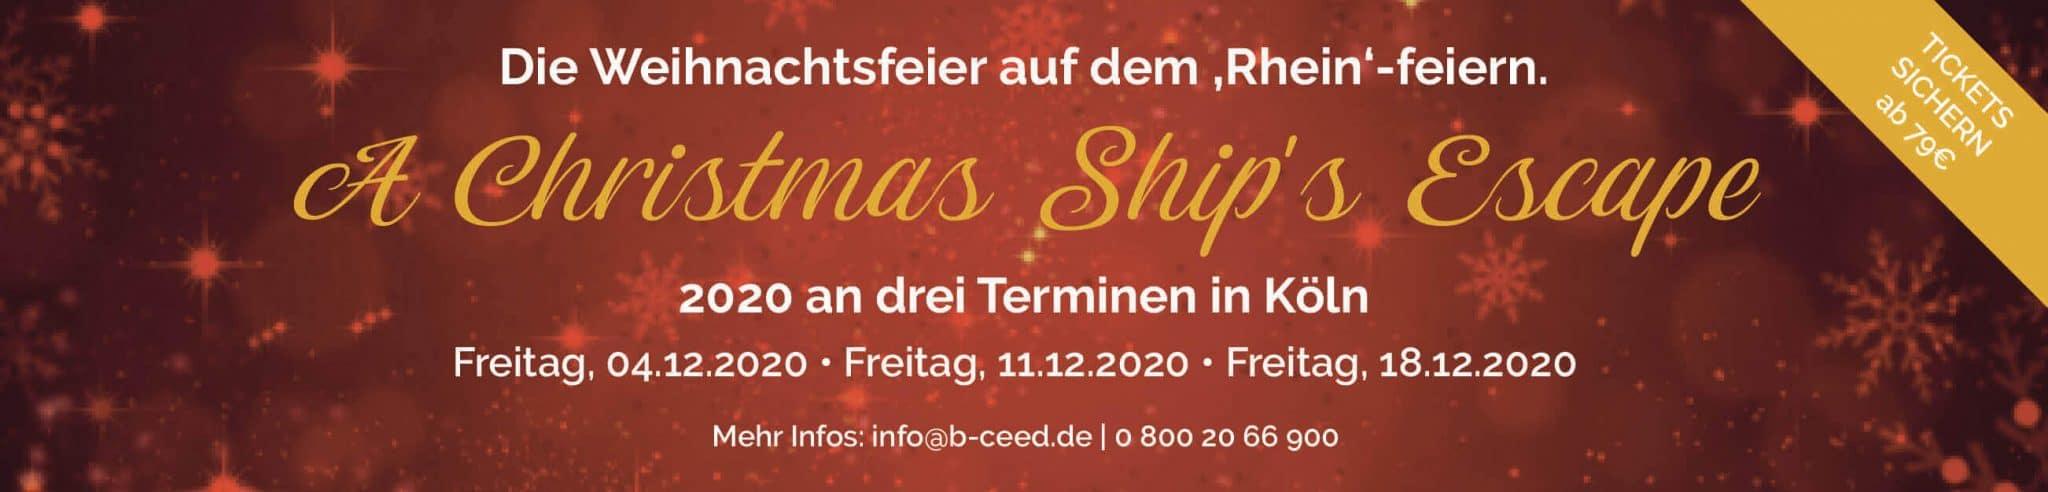 escape for christmas schiff weihnachtsfeier 2020 koeln